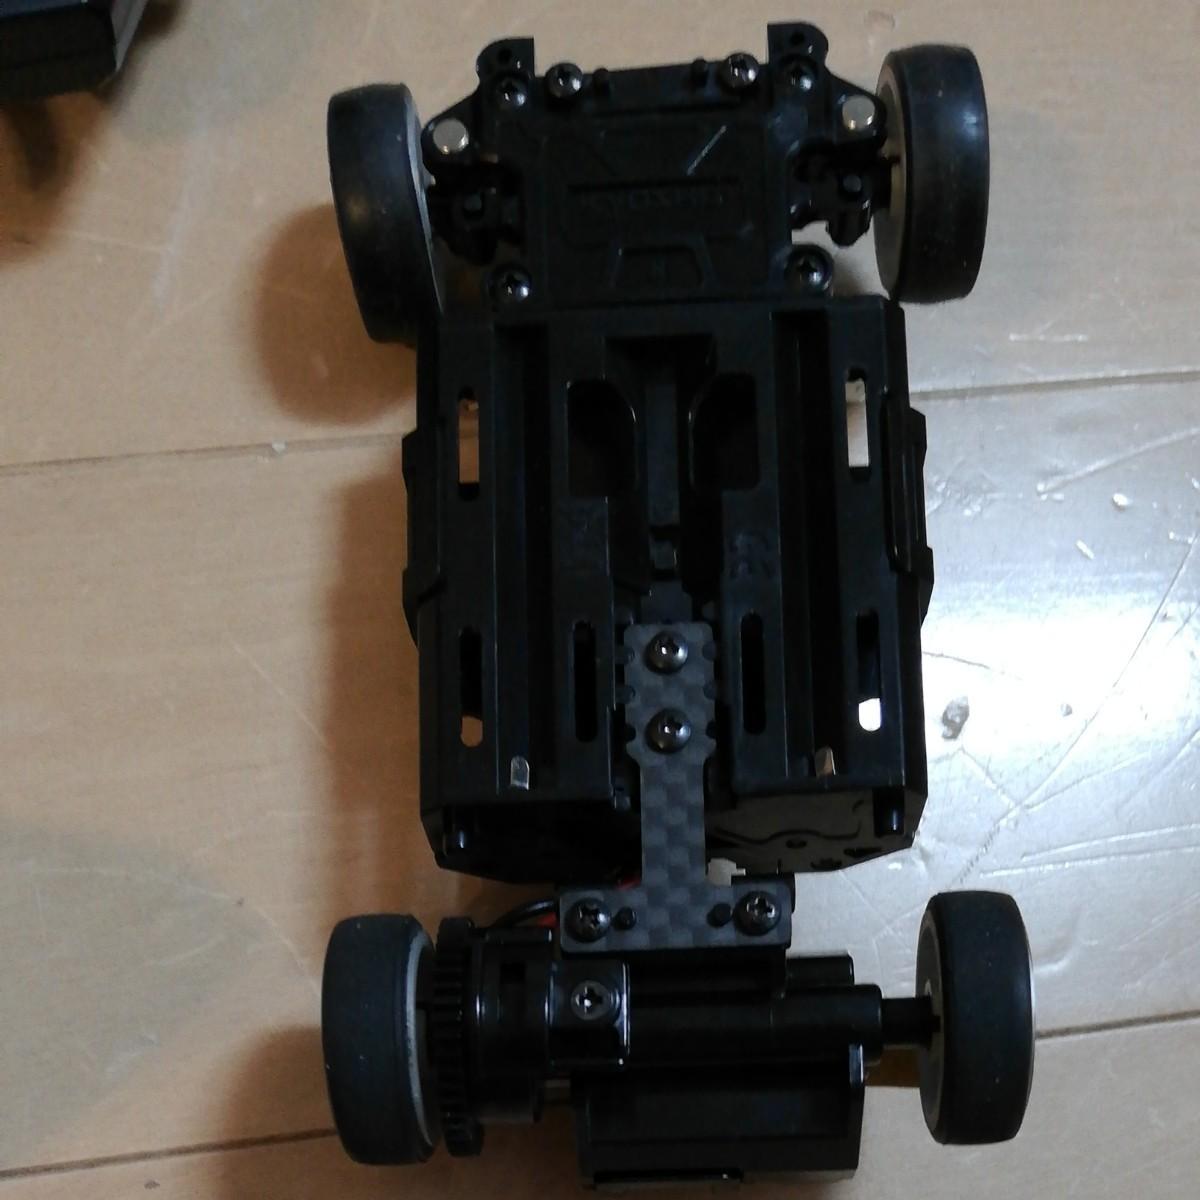 ミニッツ シャーシ シャシー (MR-03)RWD プロポ  Miniz  KT-531P   レディセット ラジコン